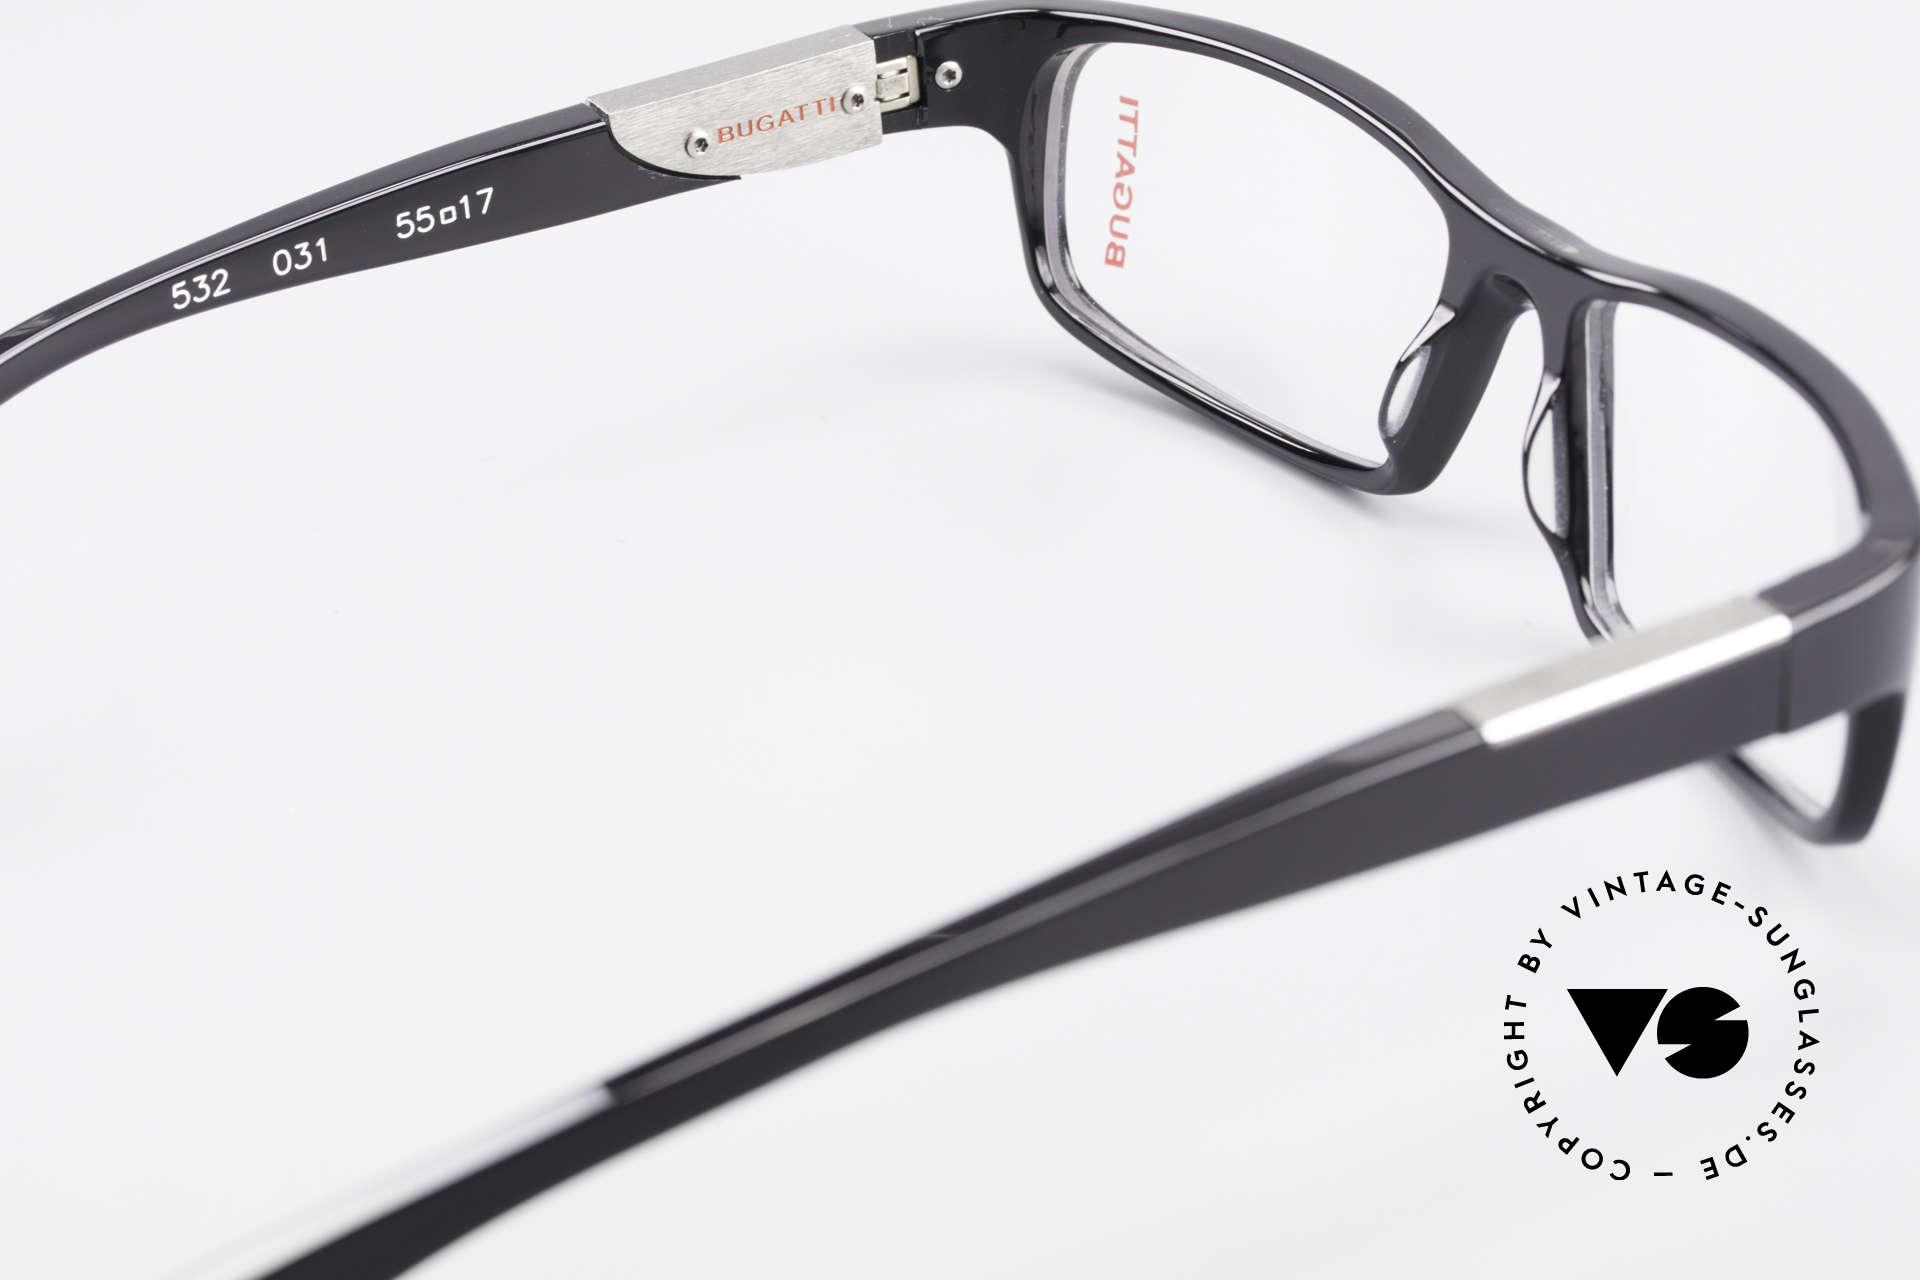 Bugatti 532 Luxus Herrenbrille Klassisch, Modell ist als Brille oder Sonnenbrille verglasbar, Passend für Herren